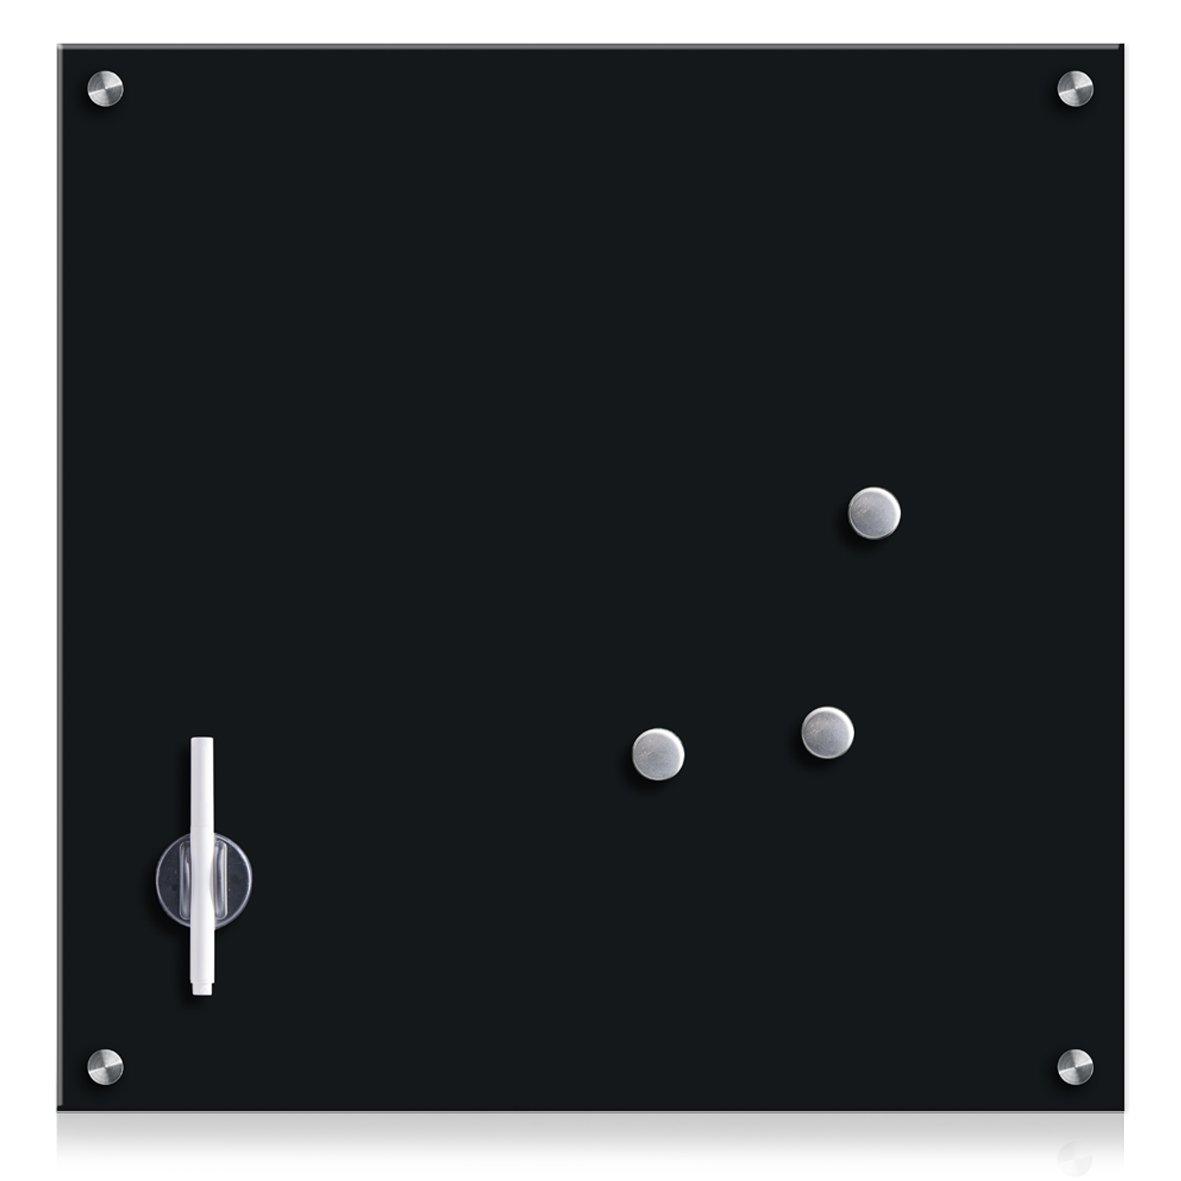 Zeller 11681Memo Board, Glass/Black 55x 55x 3cm